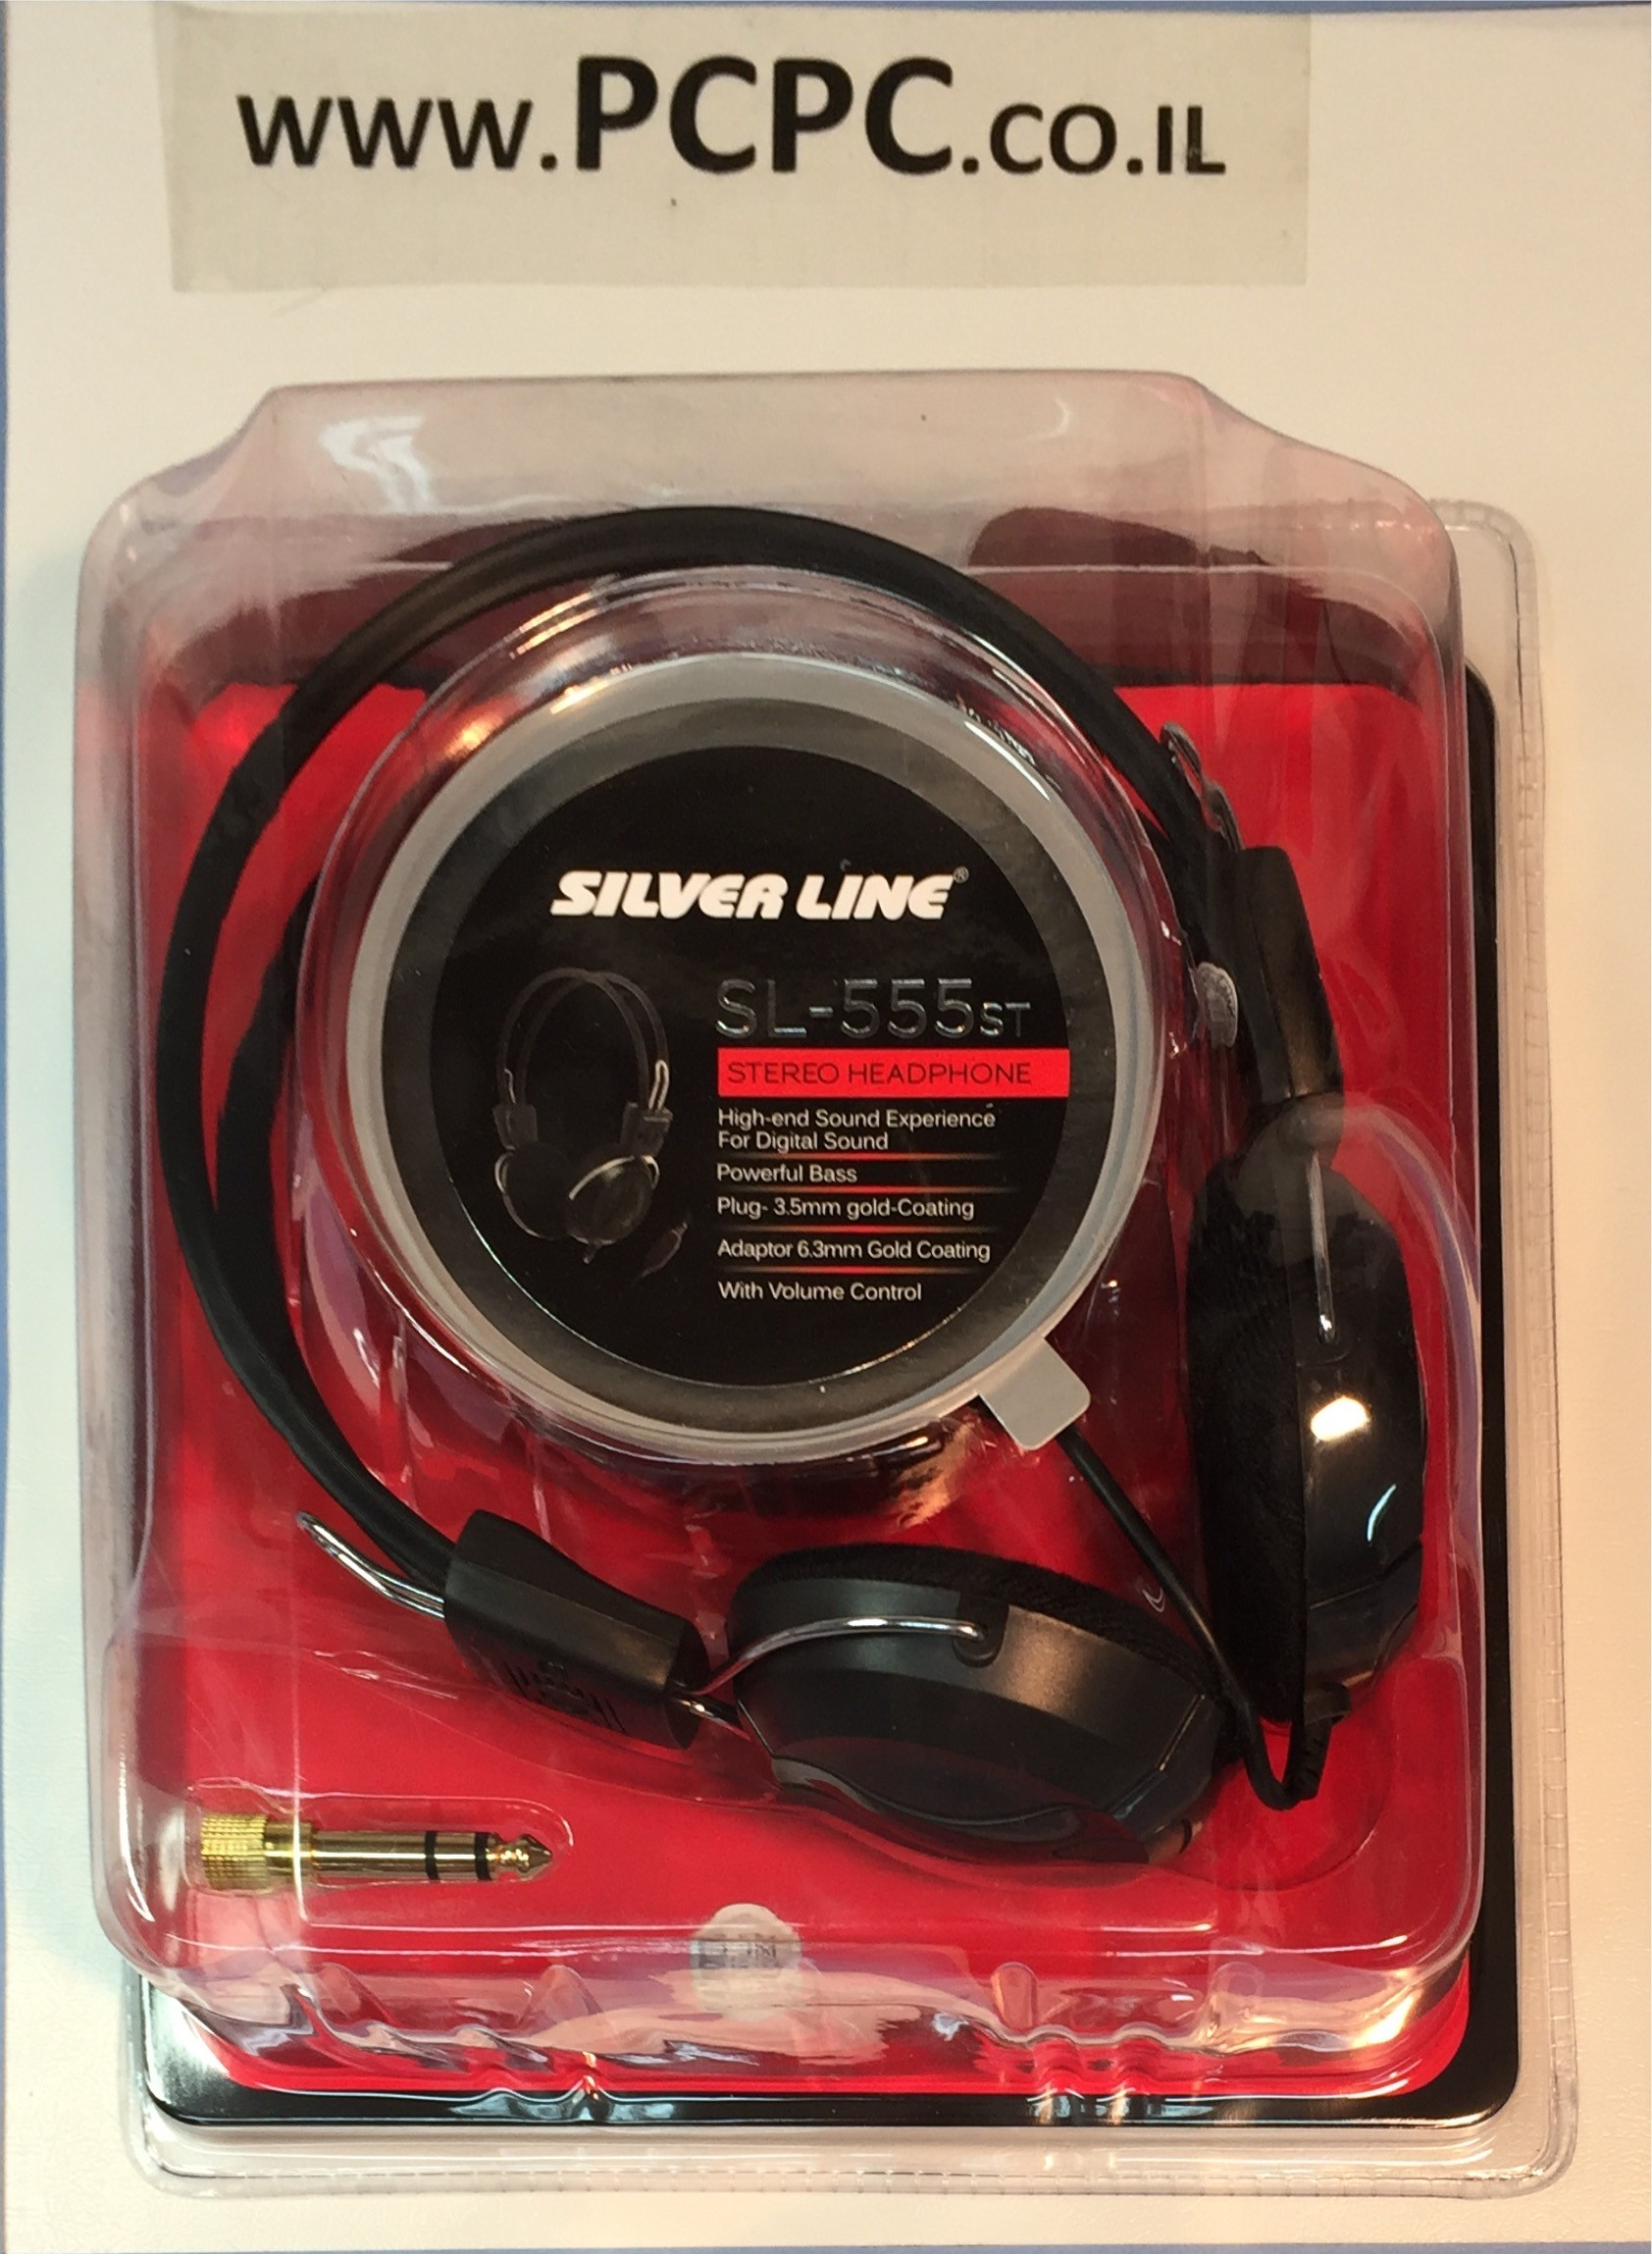 אוזניות קשת ל TV  עם ווליום כבל 3.5 מטר  SILVER LINE-555ST